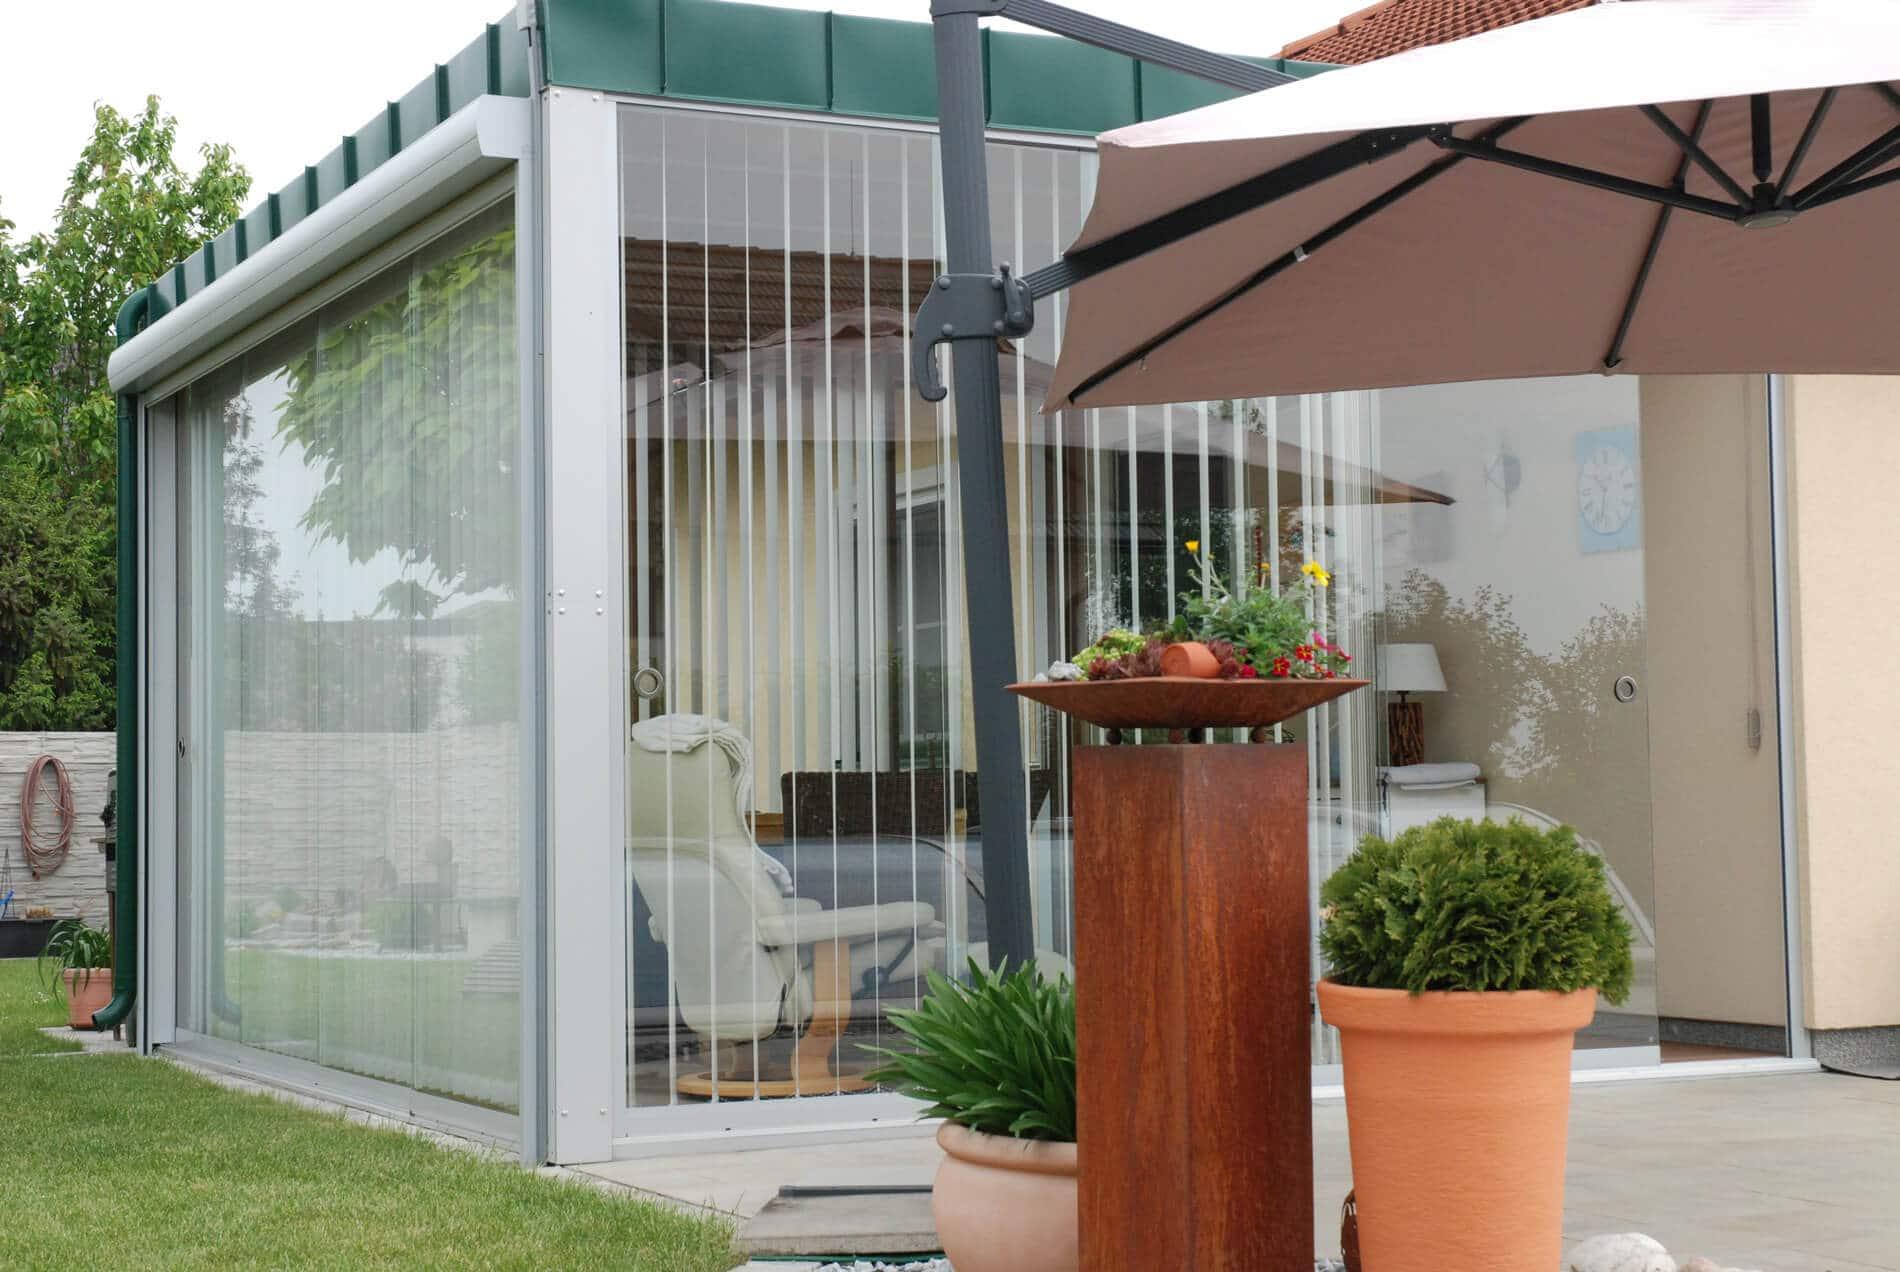 Holz Aluminium Wintergärten nach Maß mit Schiebesystemen